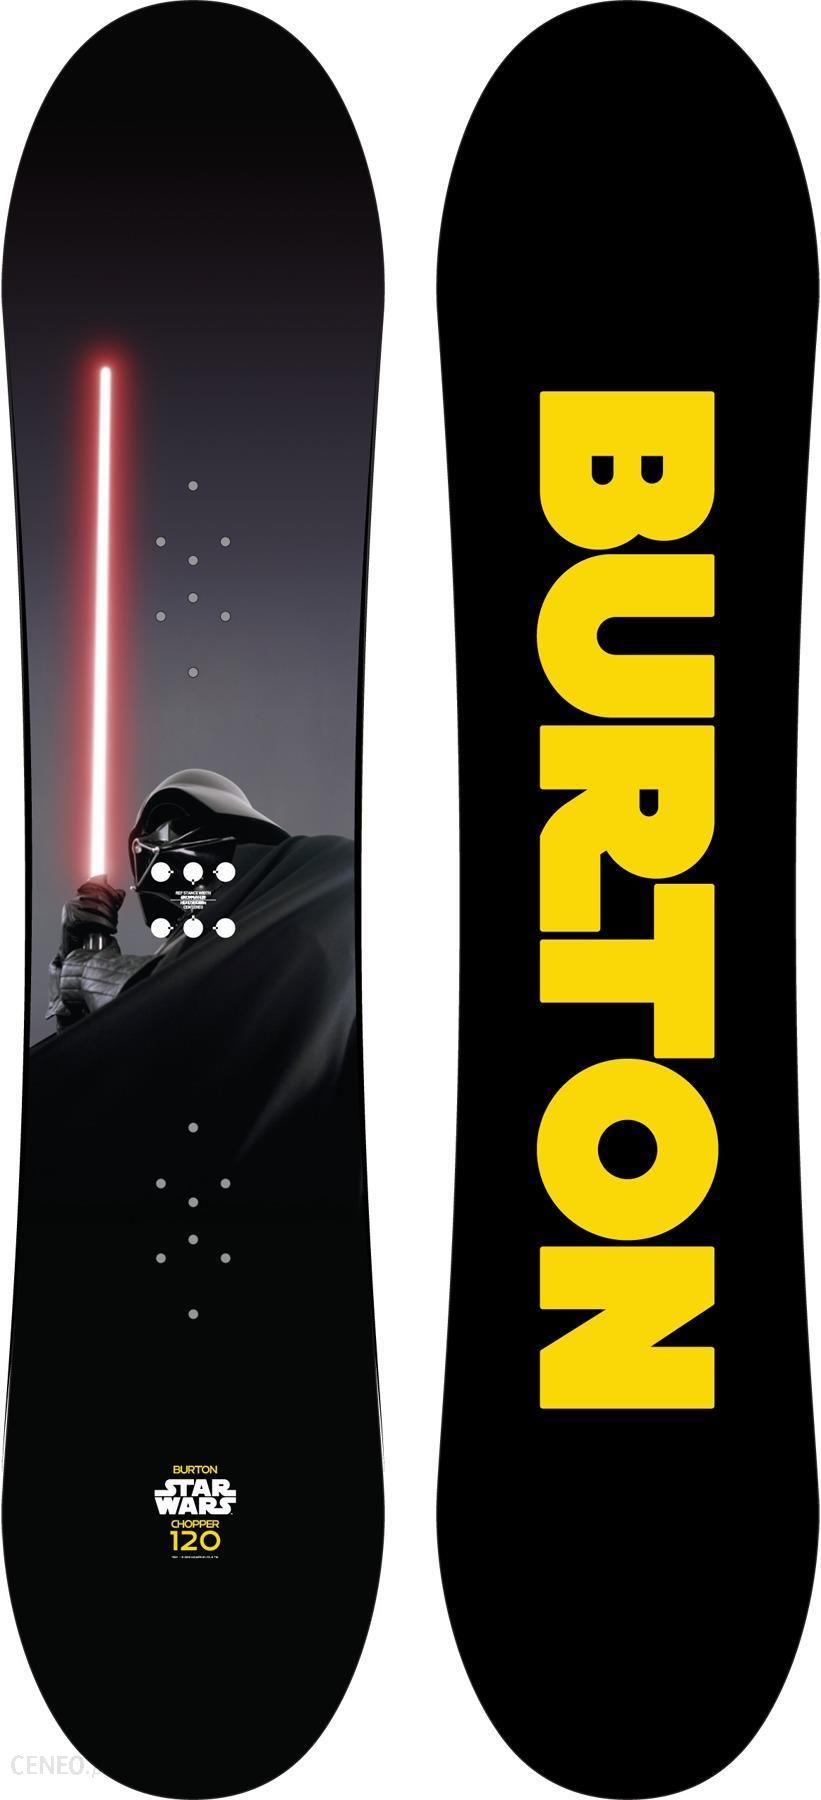 Deska Snowboardowa Burton Chopper Star Wars 120 13 14 Ceny I Opinie Ceneo Pl